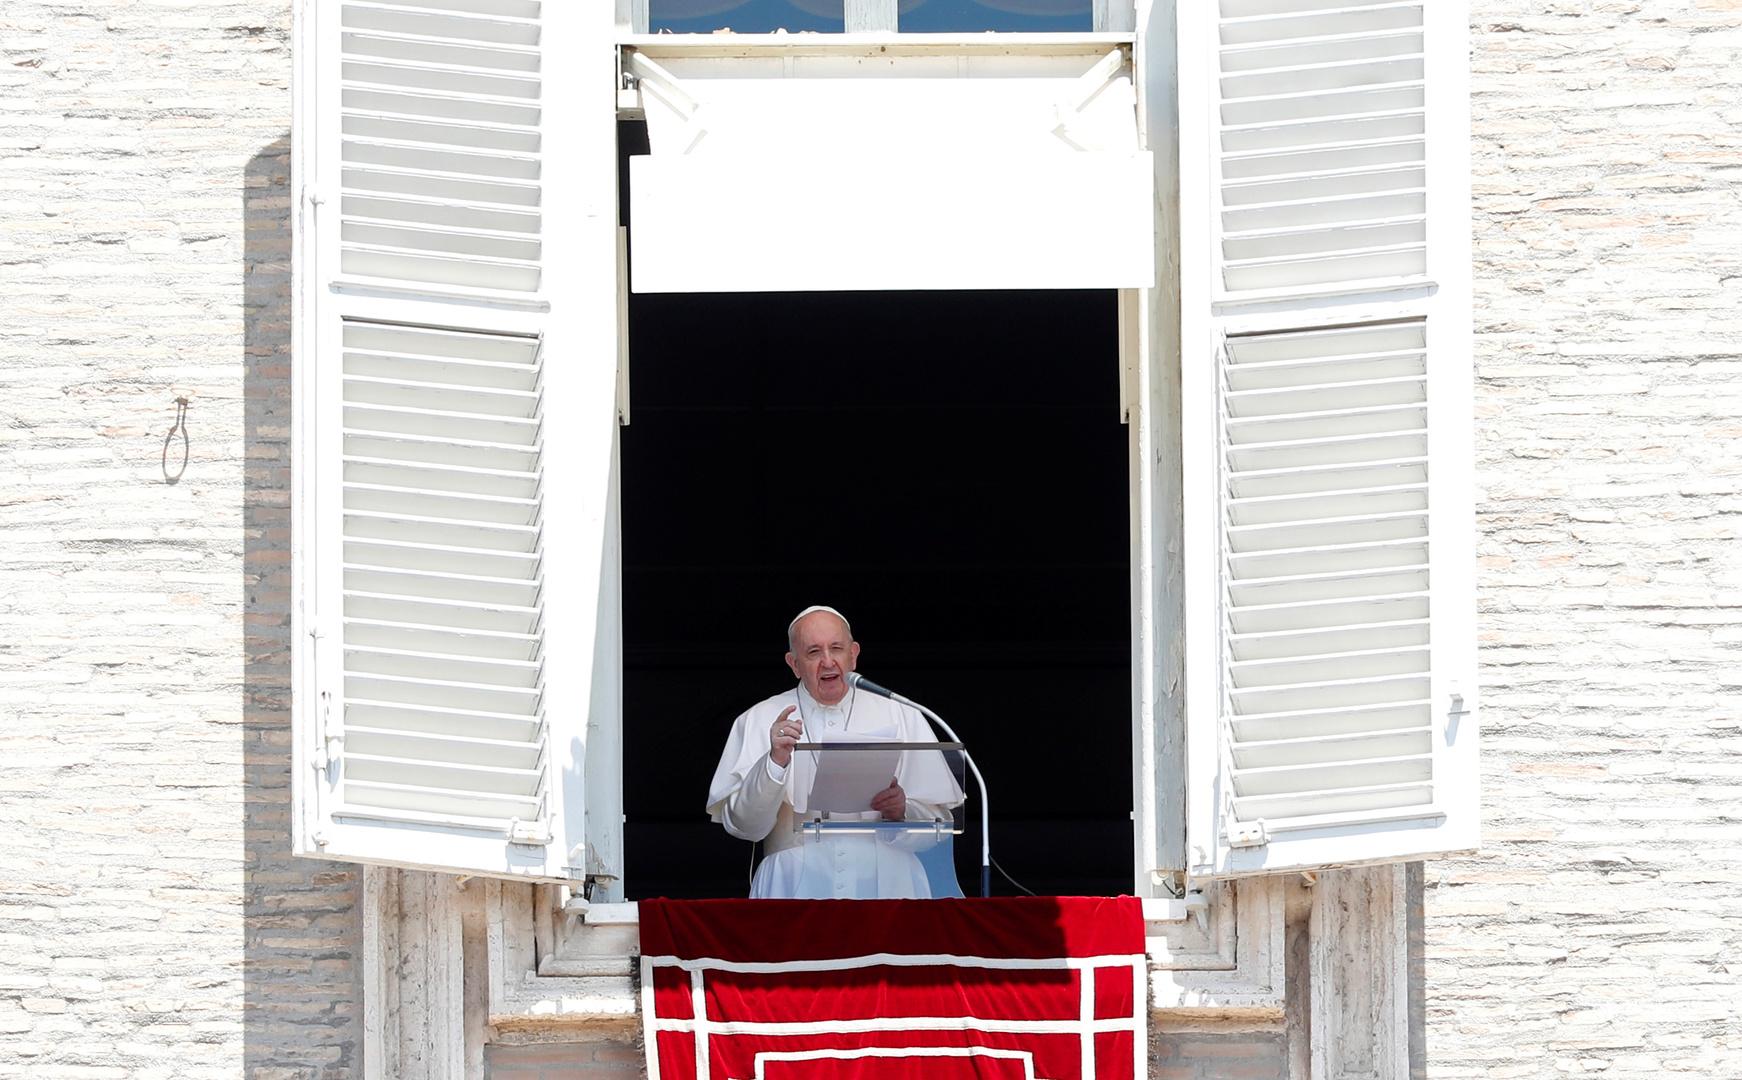 البابا فرنسيس يشبه مراكز المهاجرين في ليبيا بمعسكرات الاعتقال